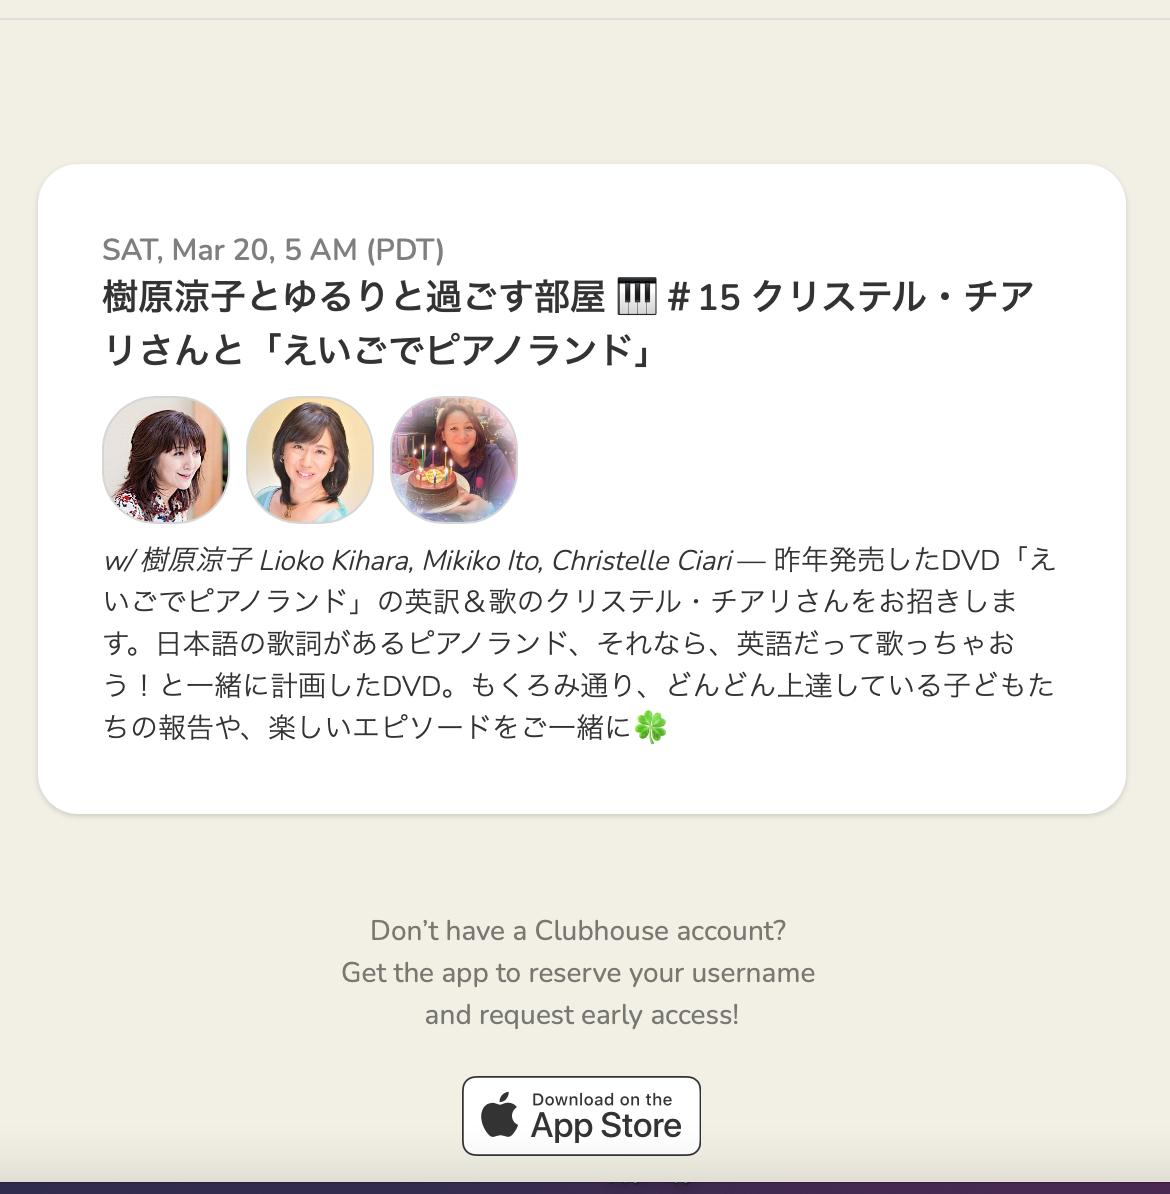 Clubhouse 樹原涼子とゆるりと過ごす部屋 🎹#15 クリステル・チアリさんと「えいごでピアノランド」